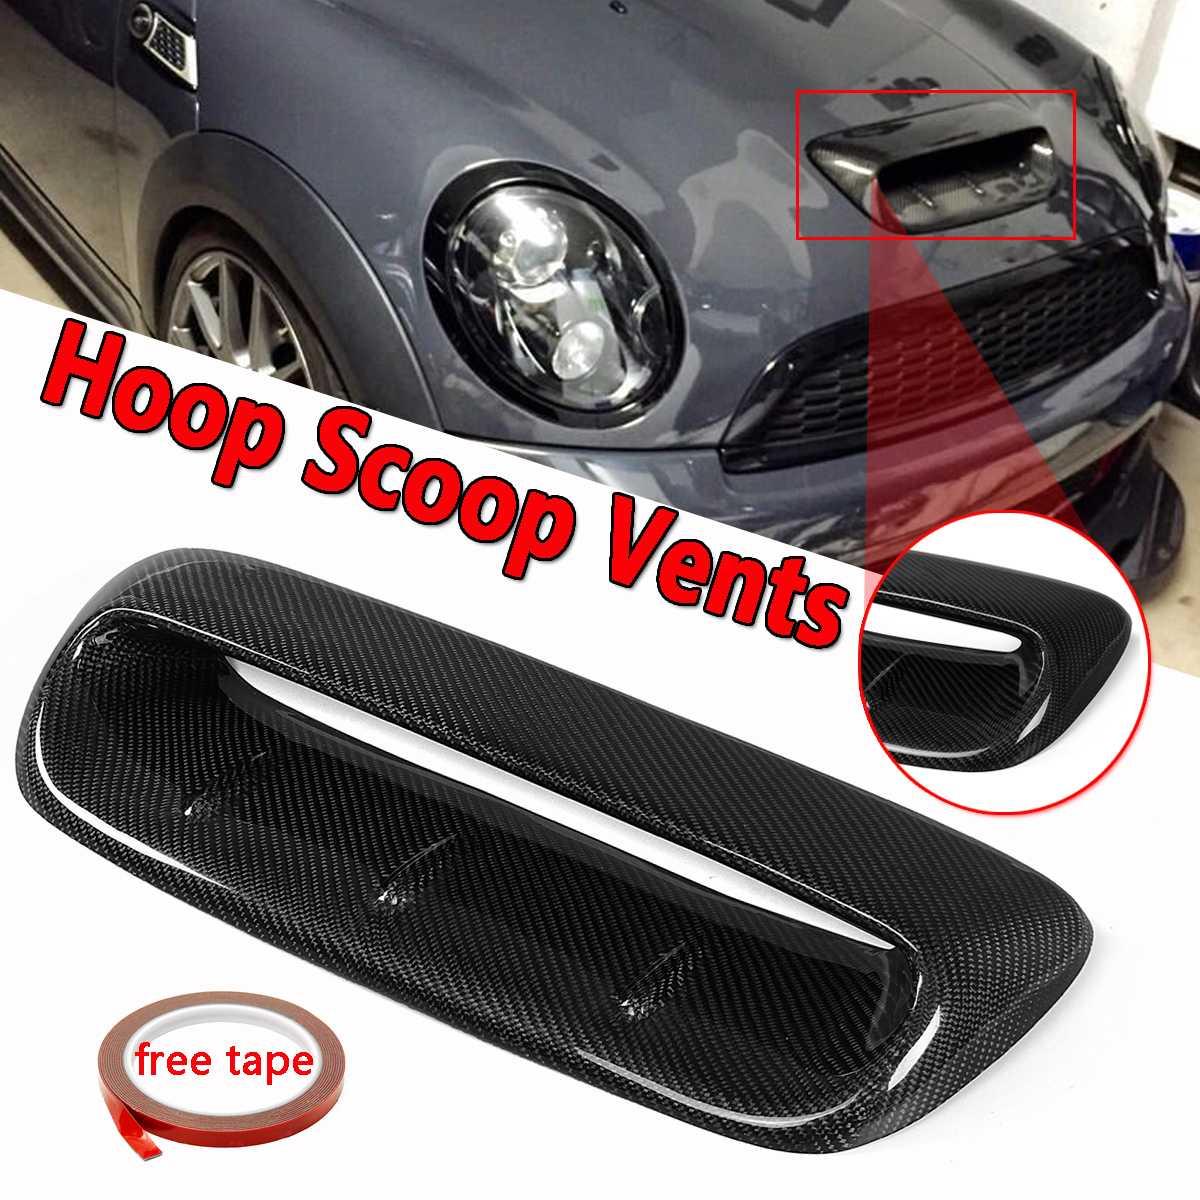 R56 frente Hood Vent Para Mini Cooper S 2007-2014 VTX Ingestão Fluxo De Estilo Real da Fibra do Carbono Da Colher Da Capa desabafar Capô Tampa Decorativa